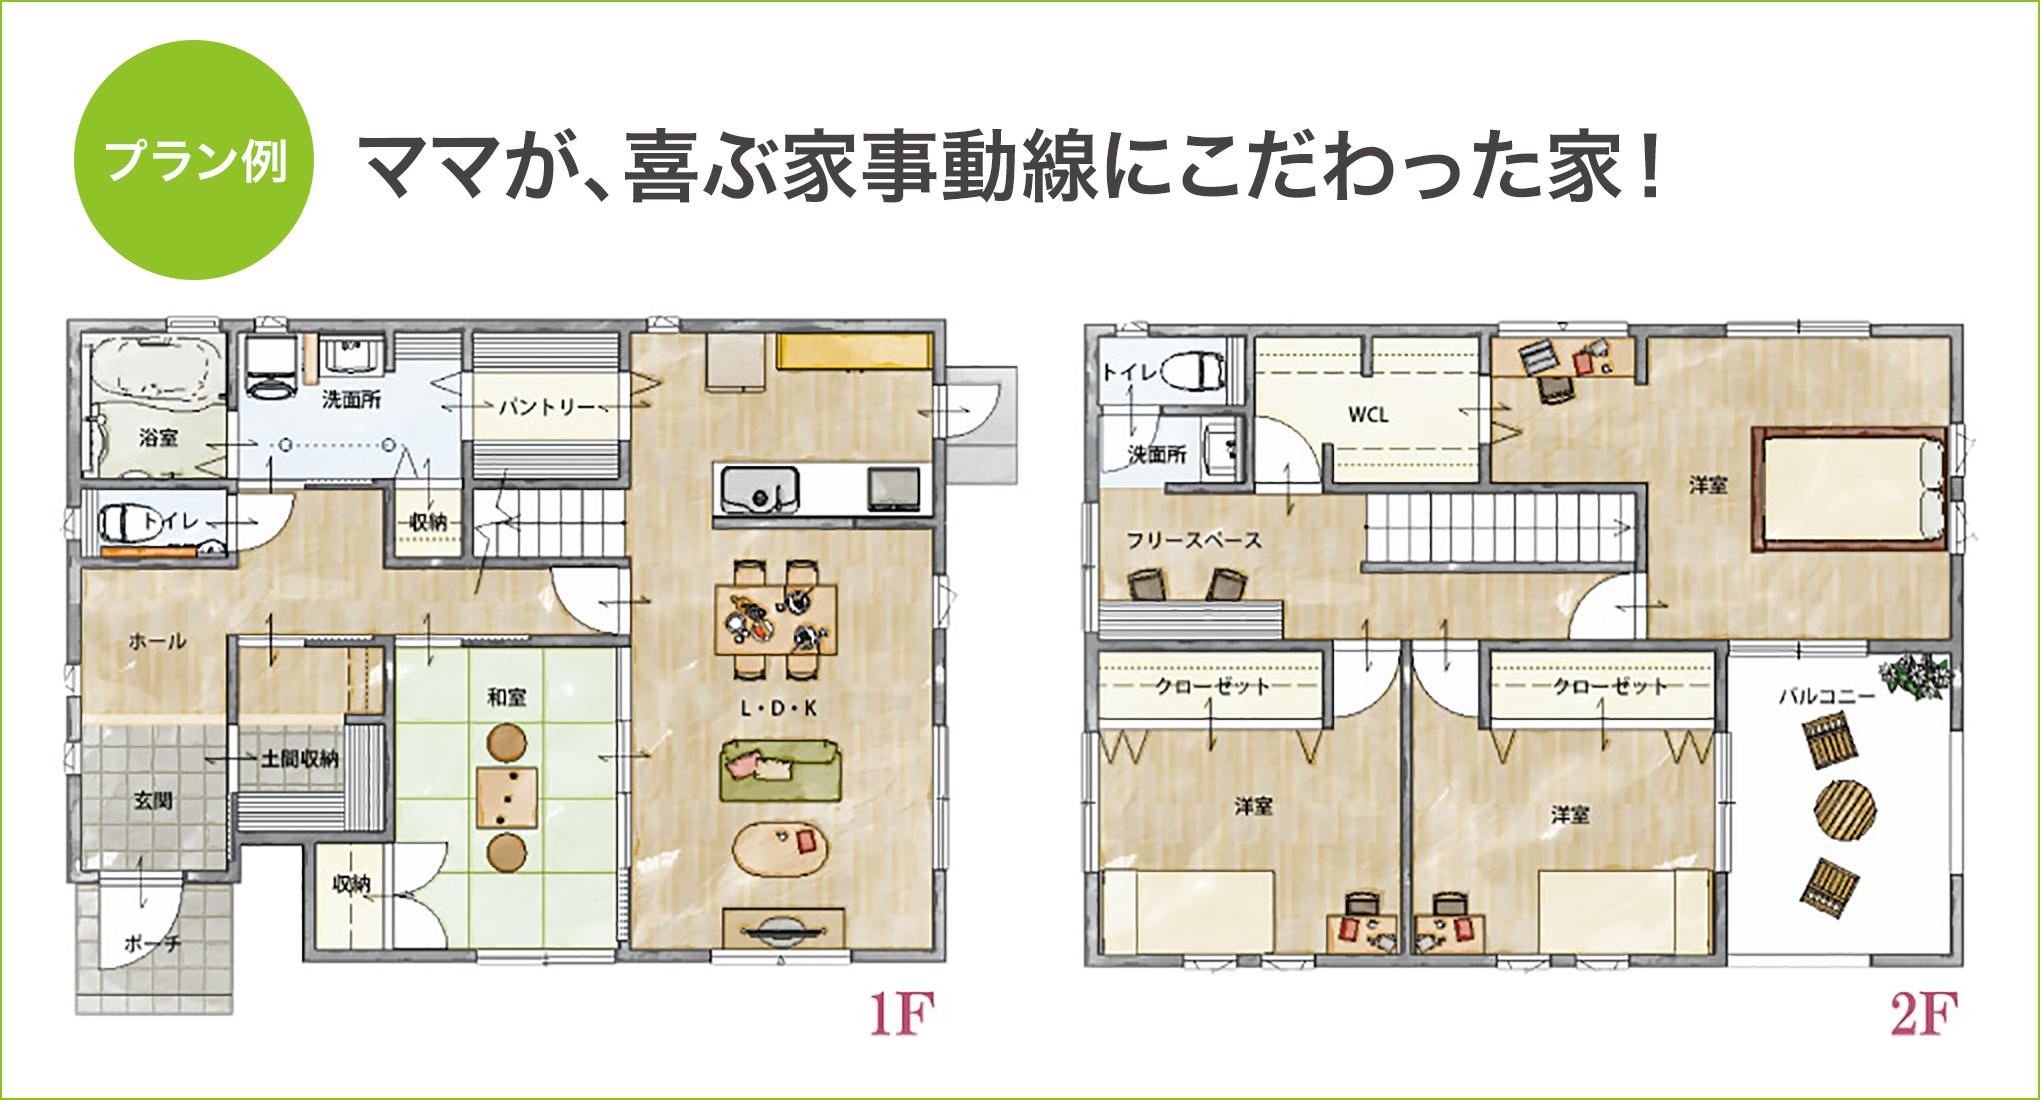 プラン例 ママが 喜ぶ家事動線にこだわった家 28坪 間取り 32坪